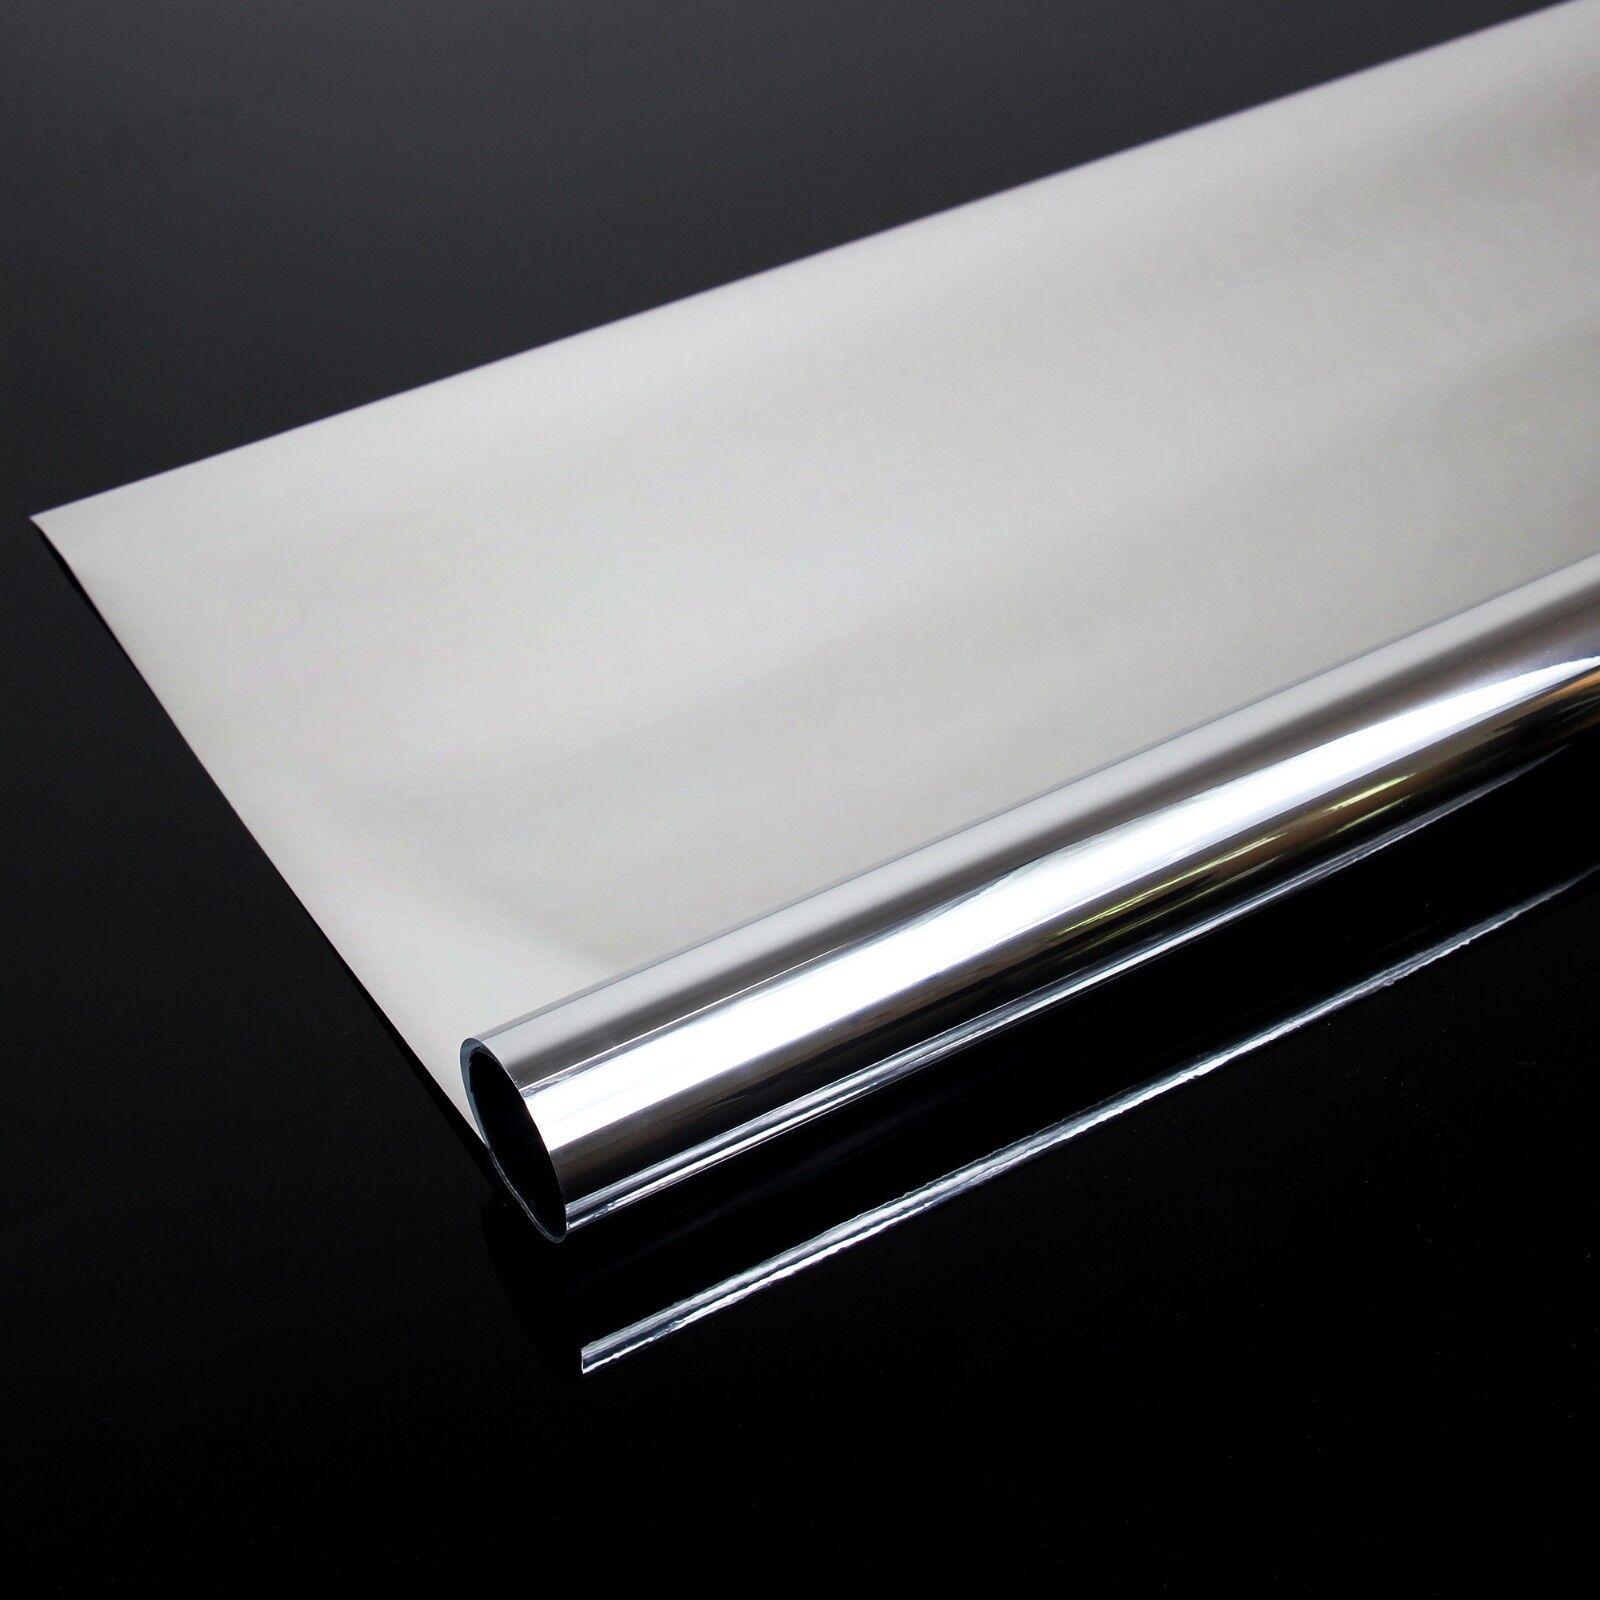 m² Spiegelfolie Fensterfolie Spiegel Spiegel Spiegel Folie Fenster UV Sichtschutzfolie | Tragen-wider  cbfb61